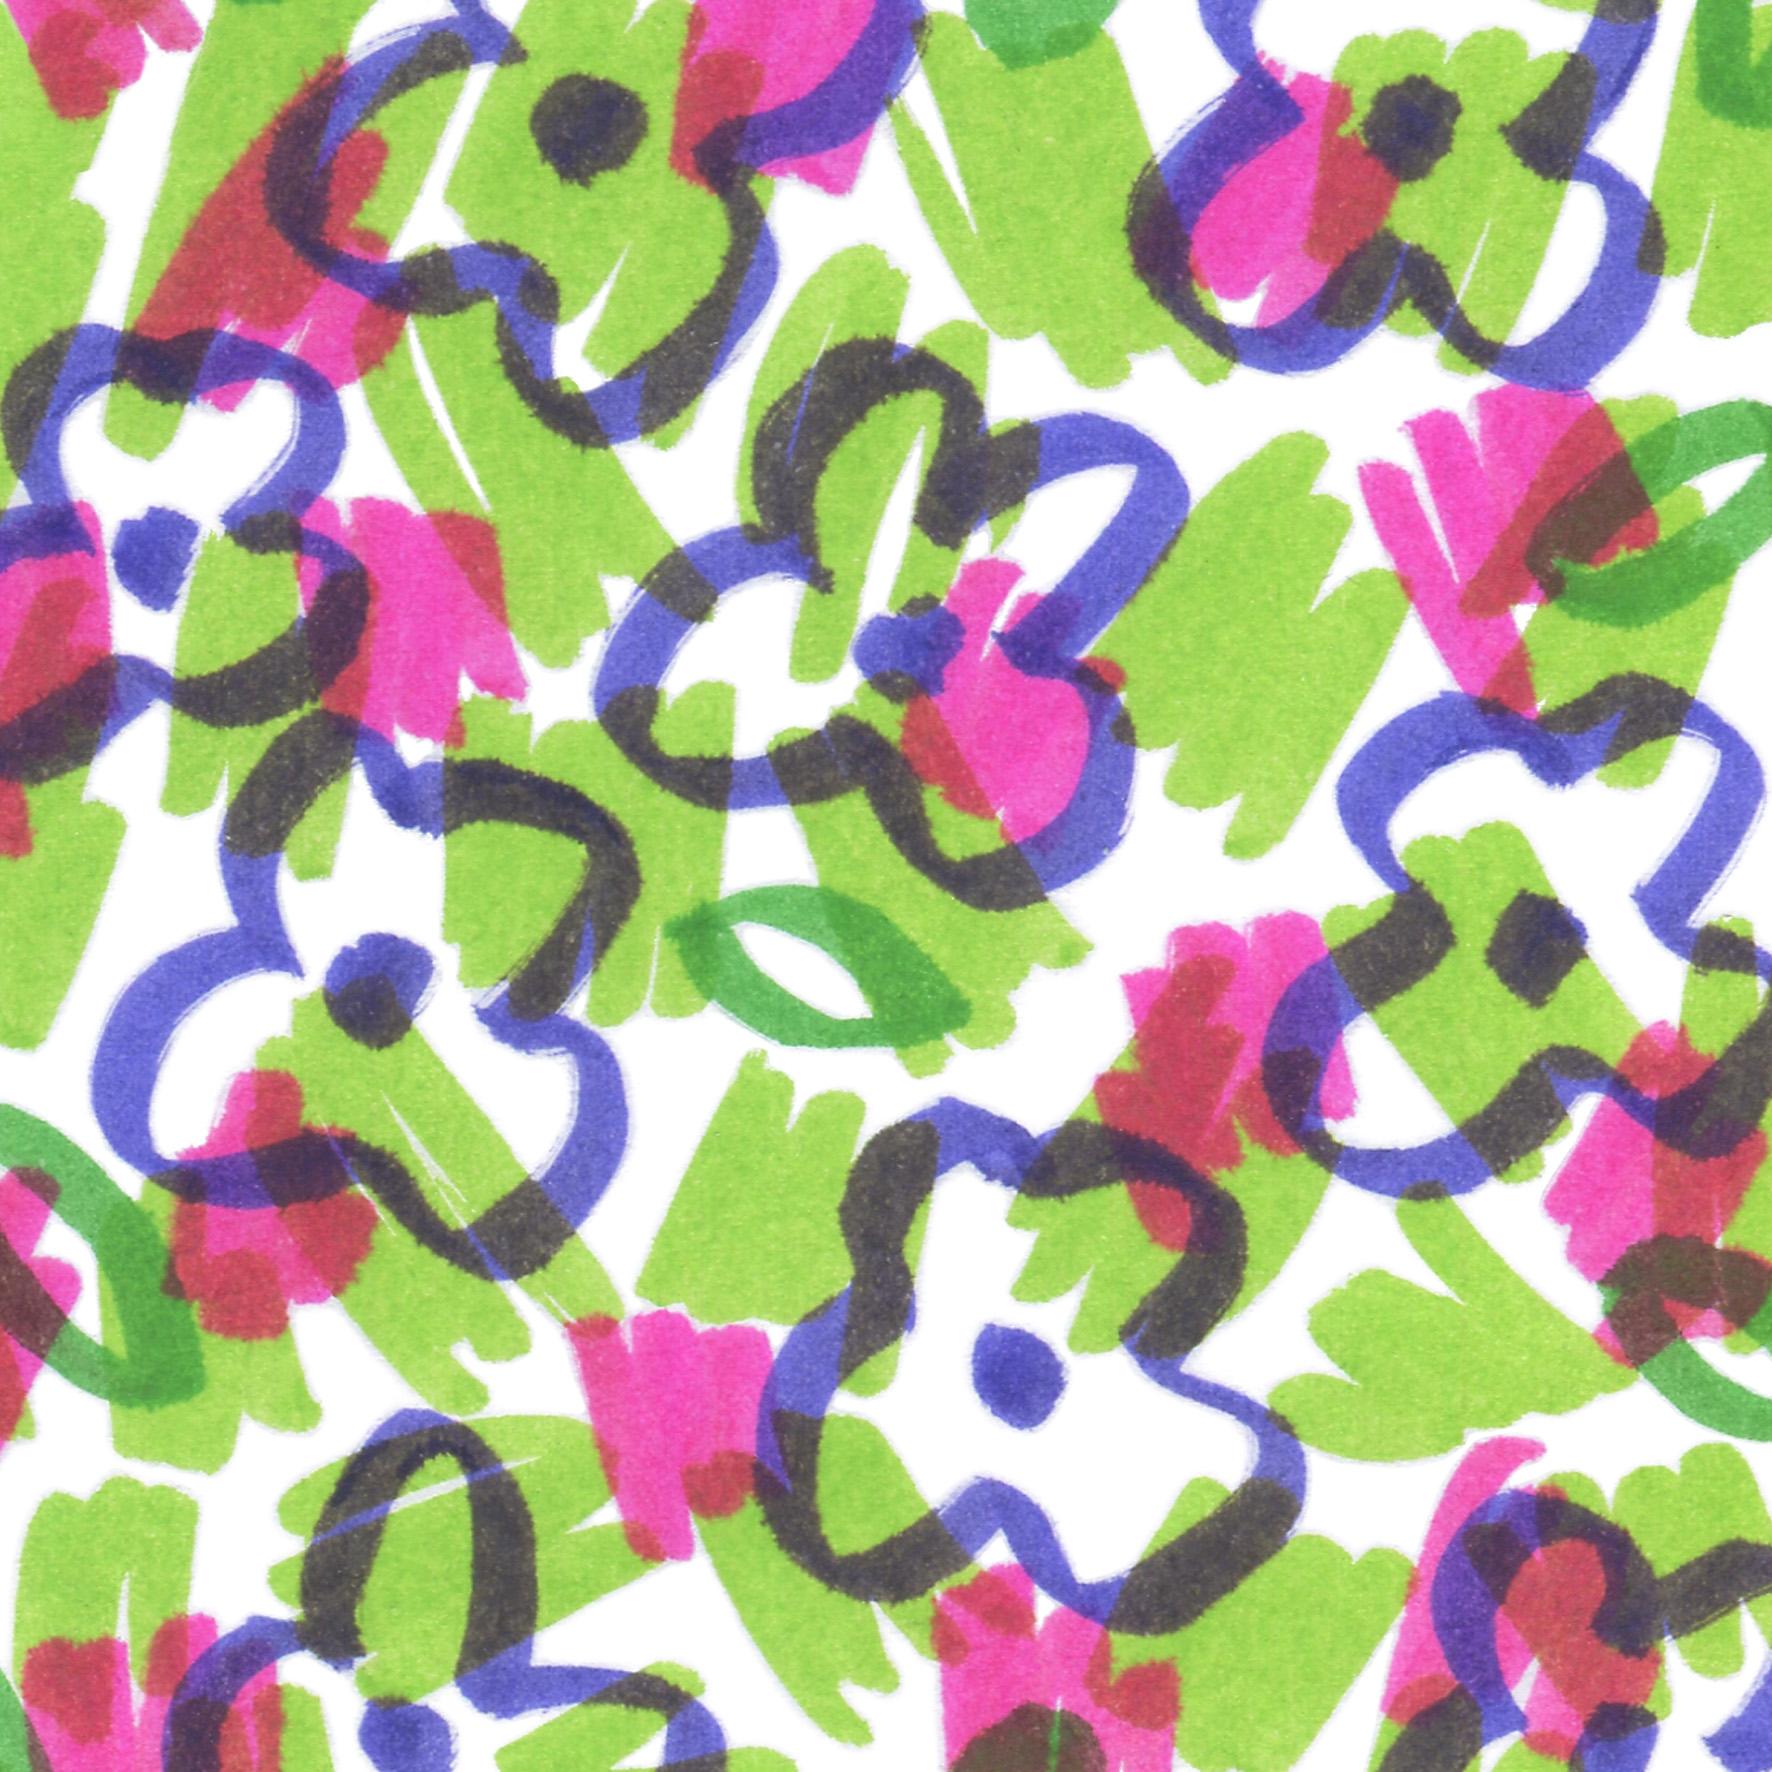 motif végétal numéro 6